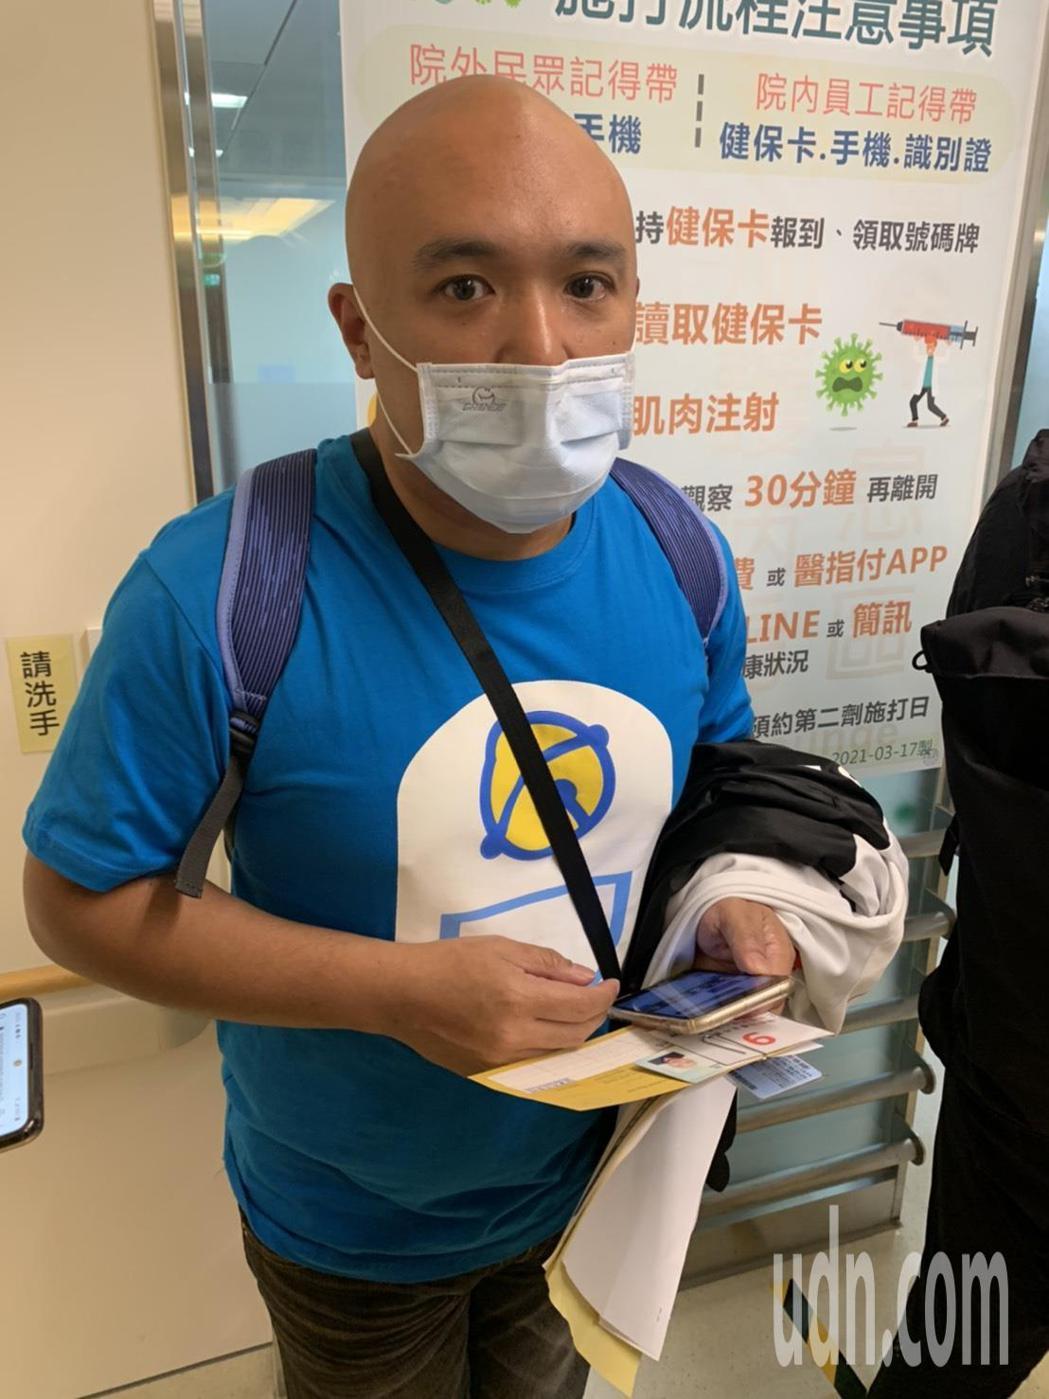 來自菲律賓的胡尤金表示,菲律賓到現在尚無法取得疫苗,台灣能夠接種,讓他相當開心。...